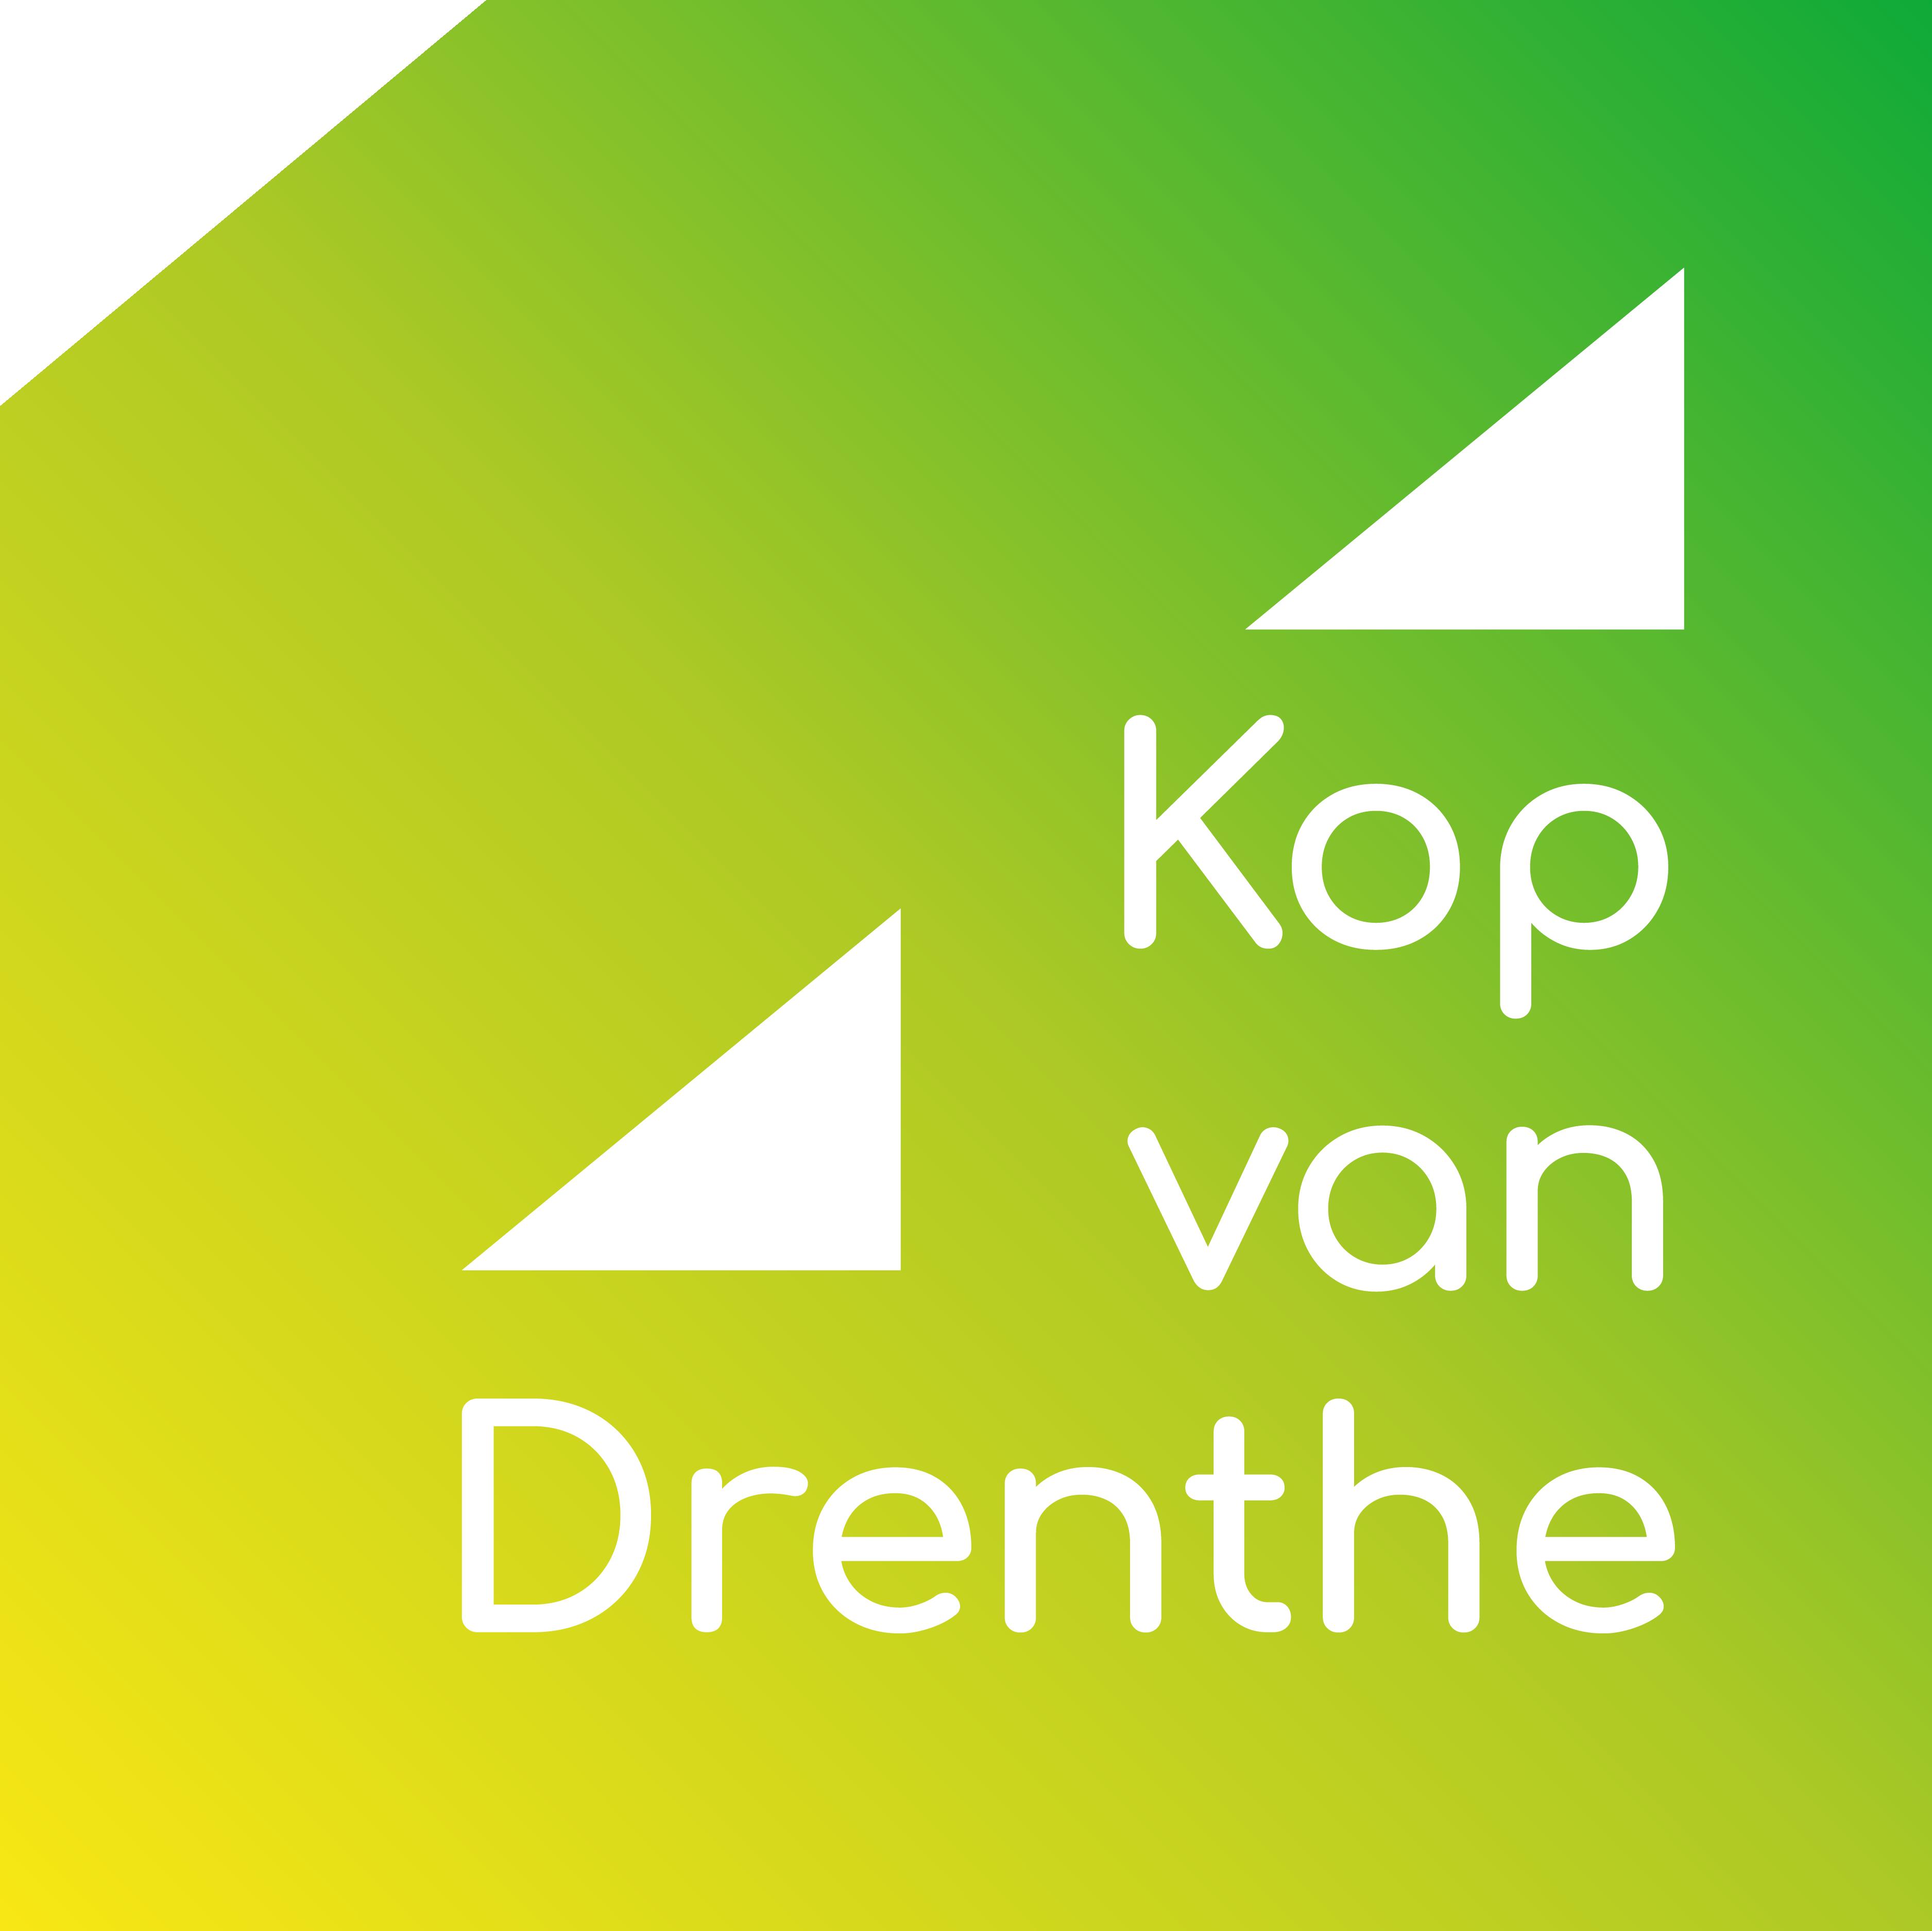 Stichting Kop van Drenthe